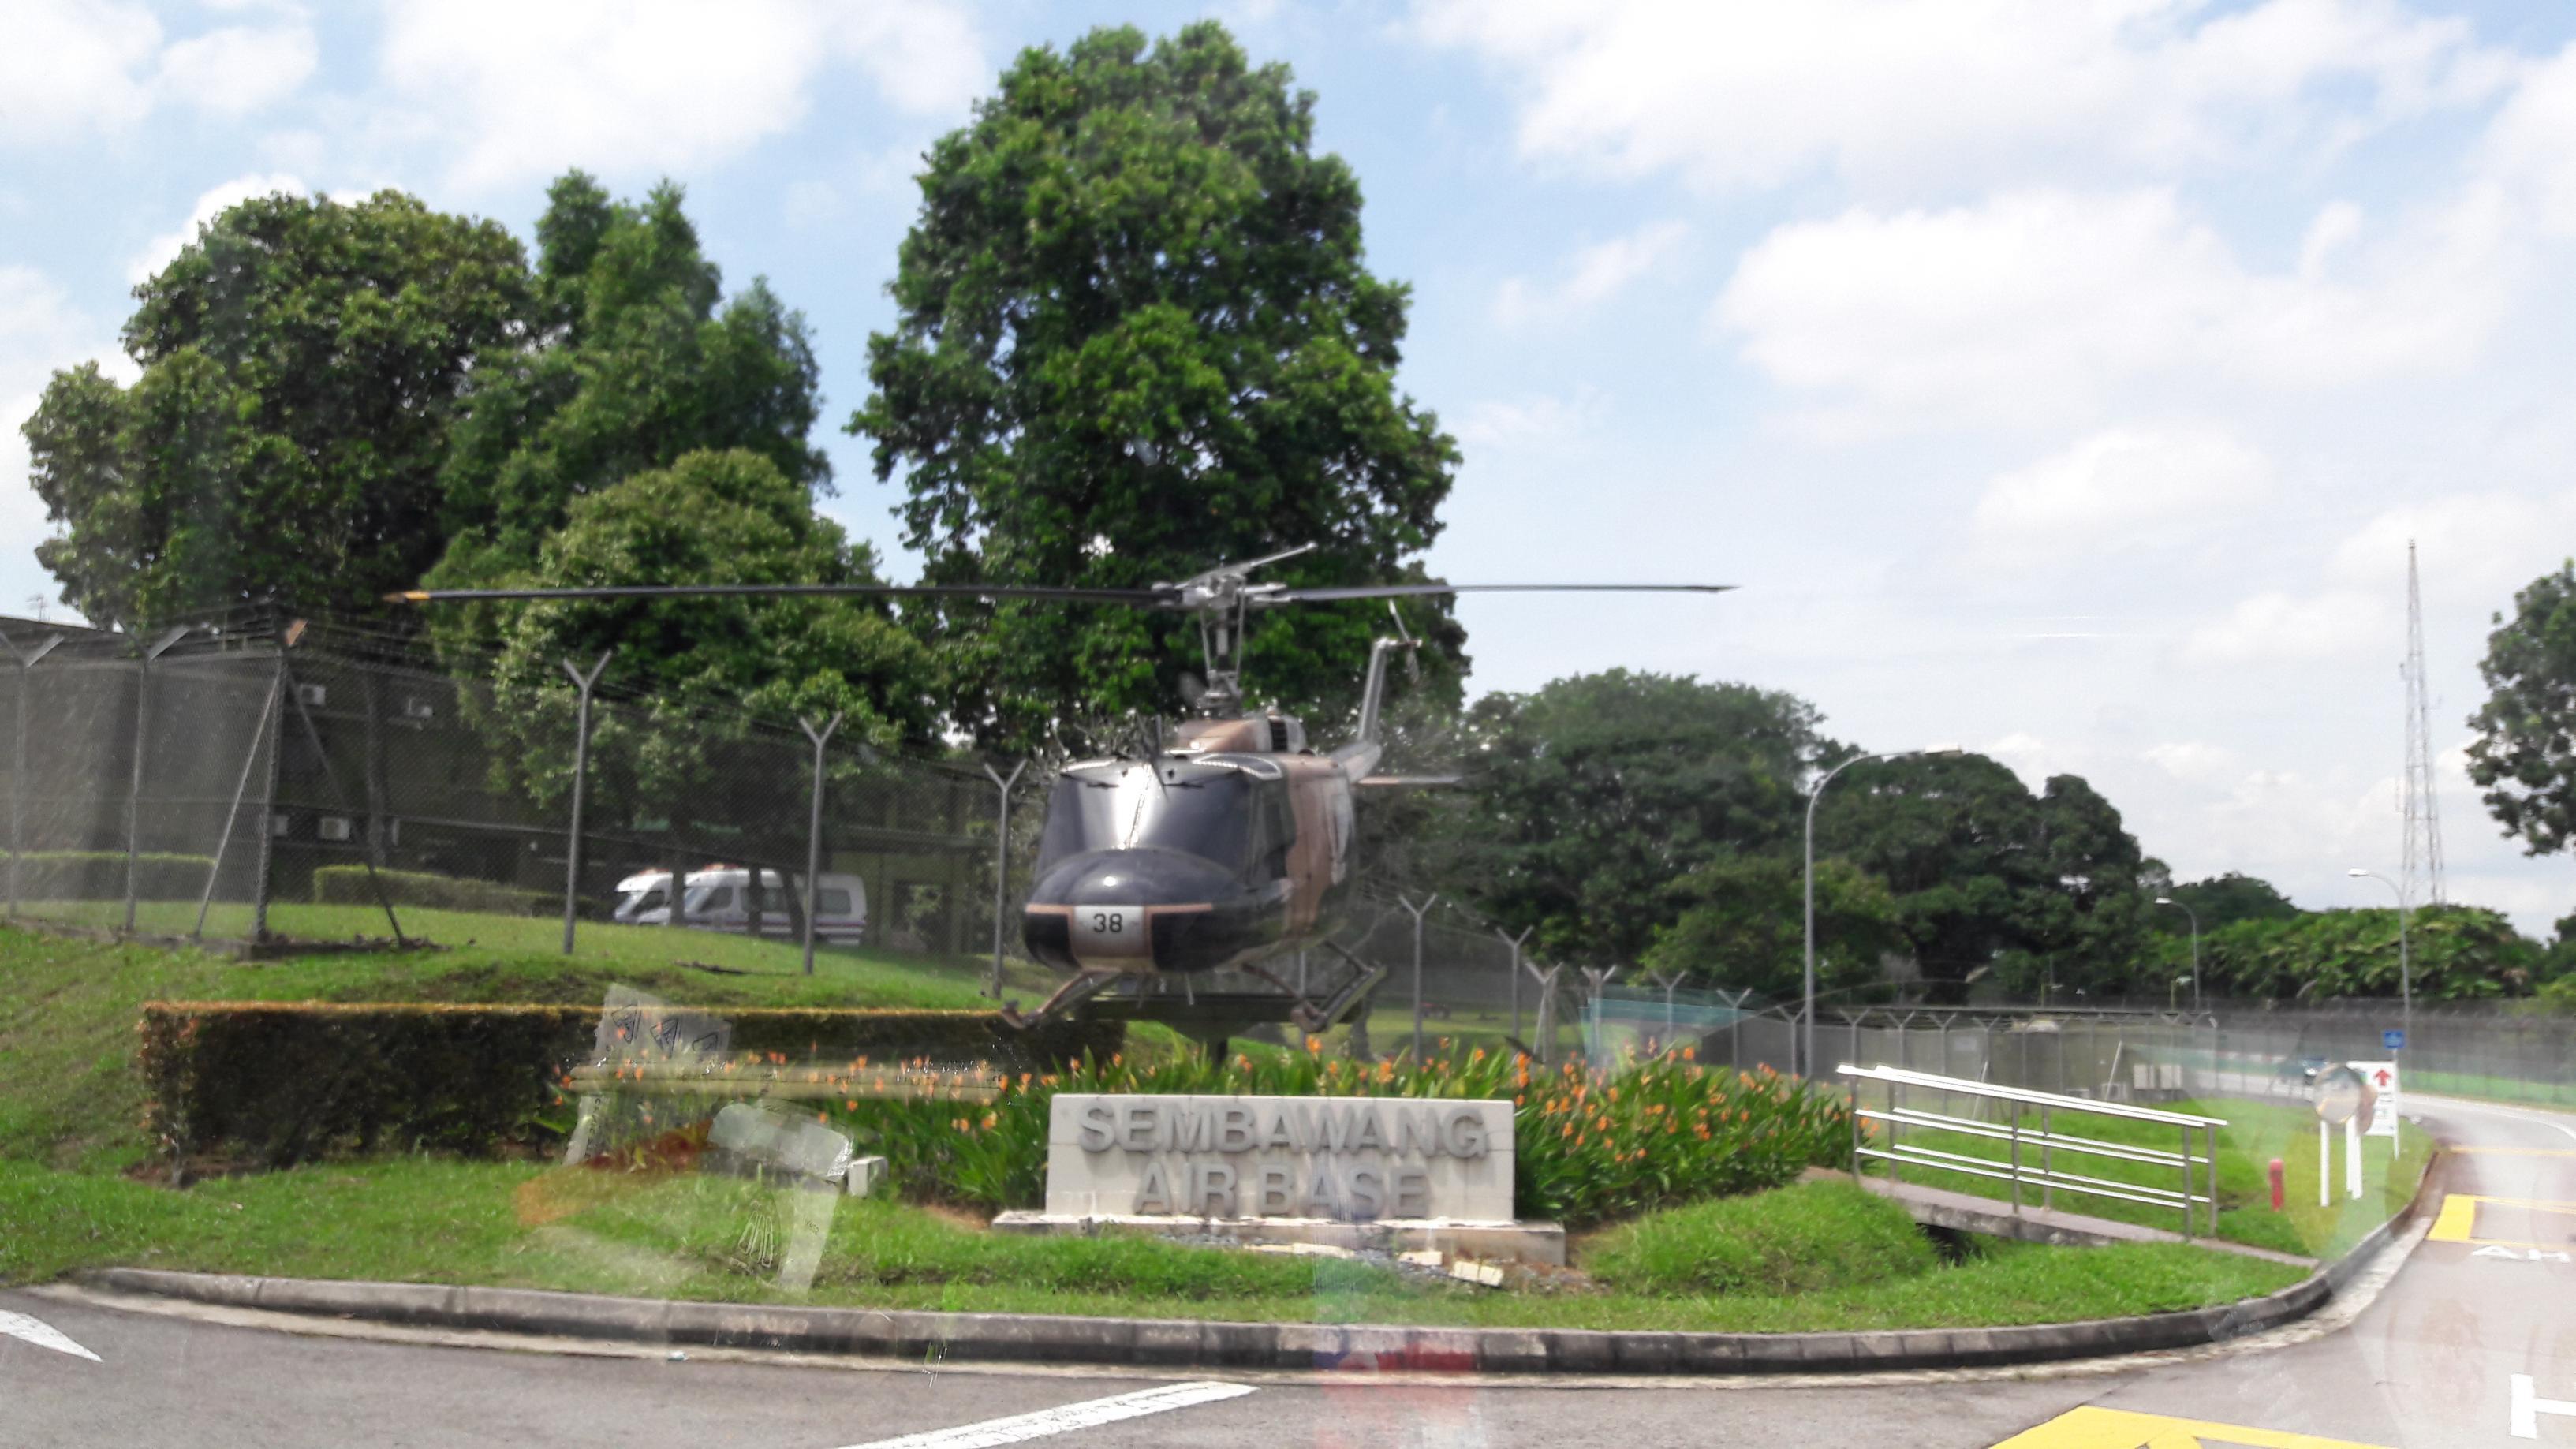 Naam: UH-1 , Sembawang Air Base..jpg Bekeken: 25 Grootte: 518,1 KB